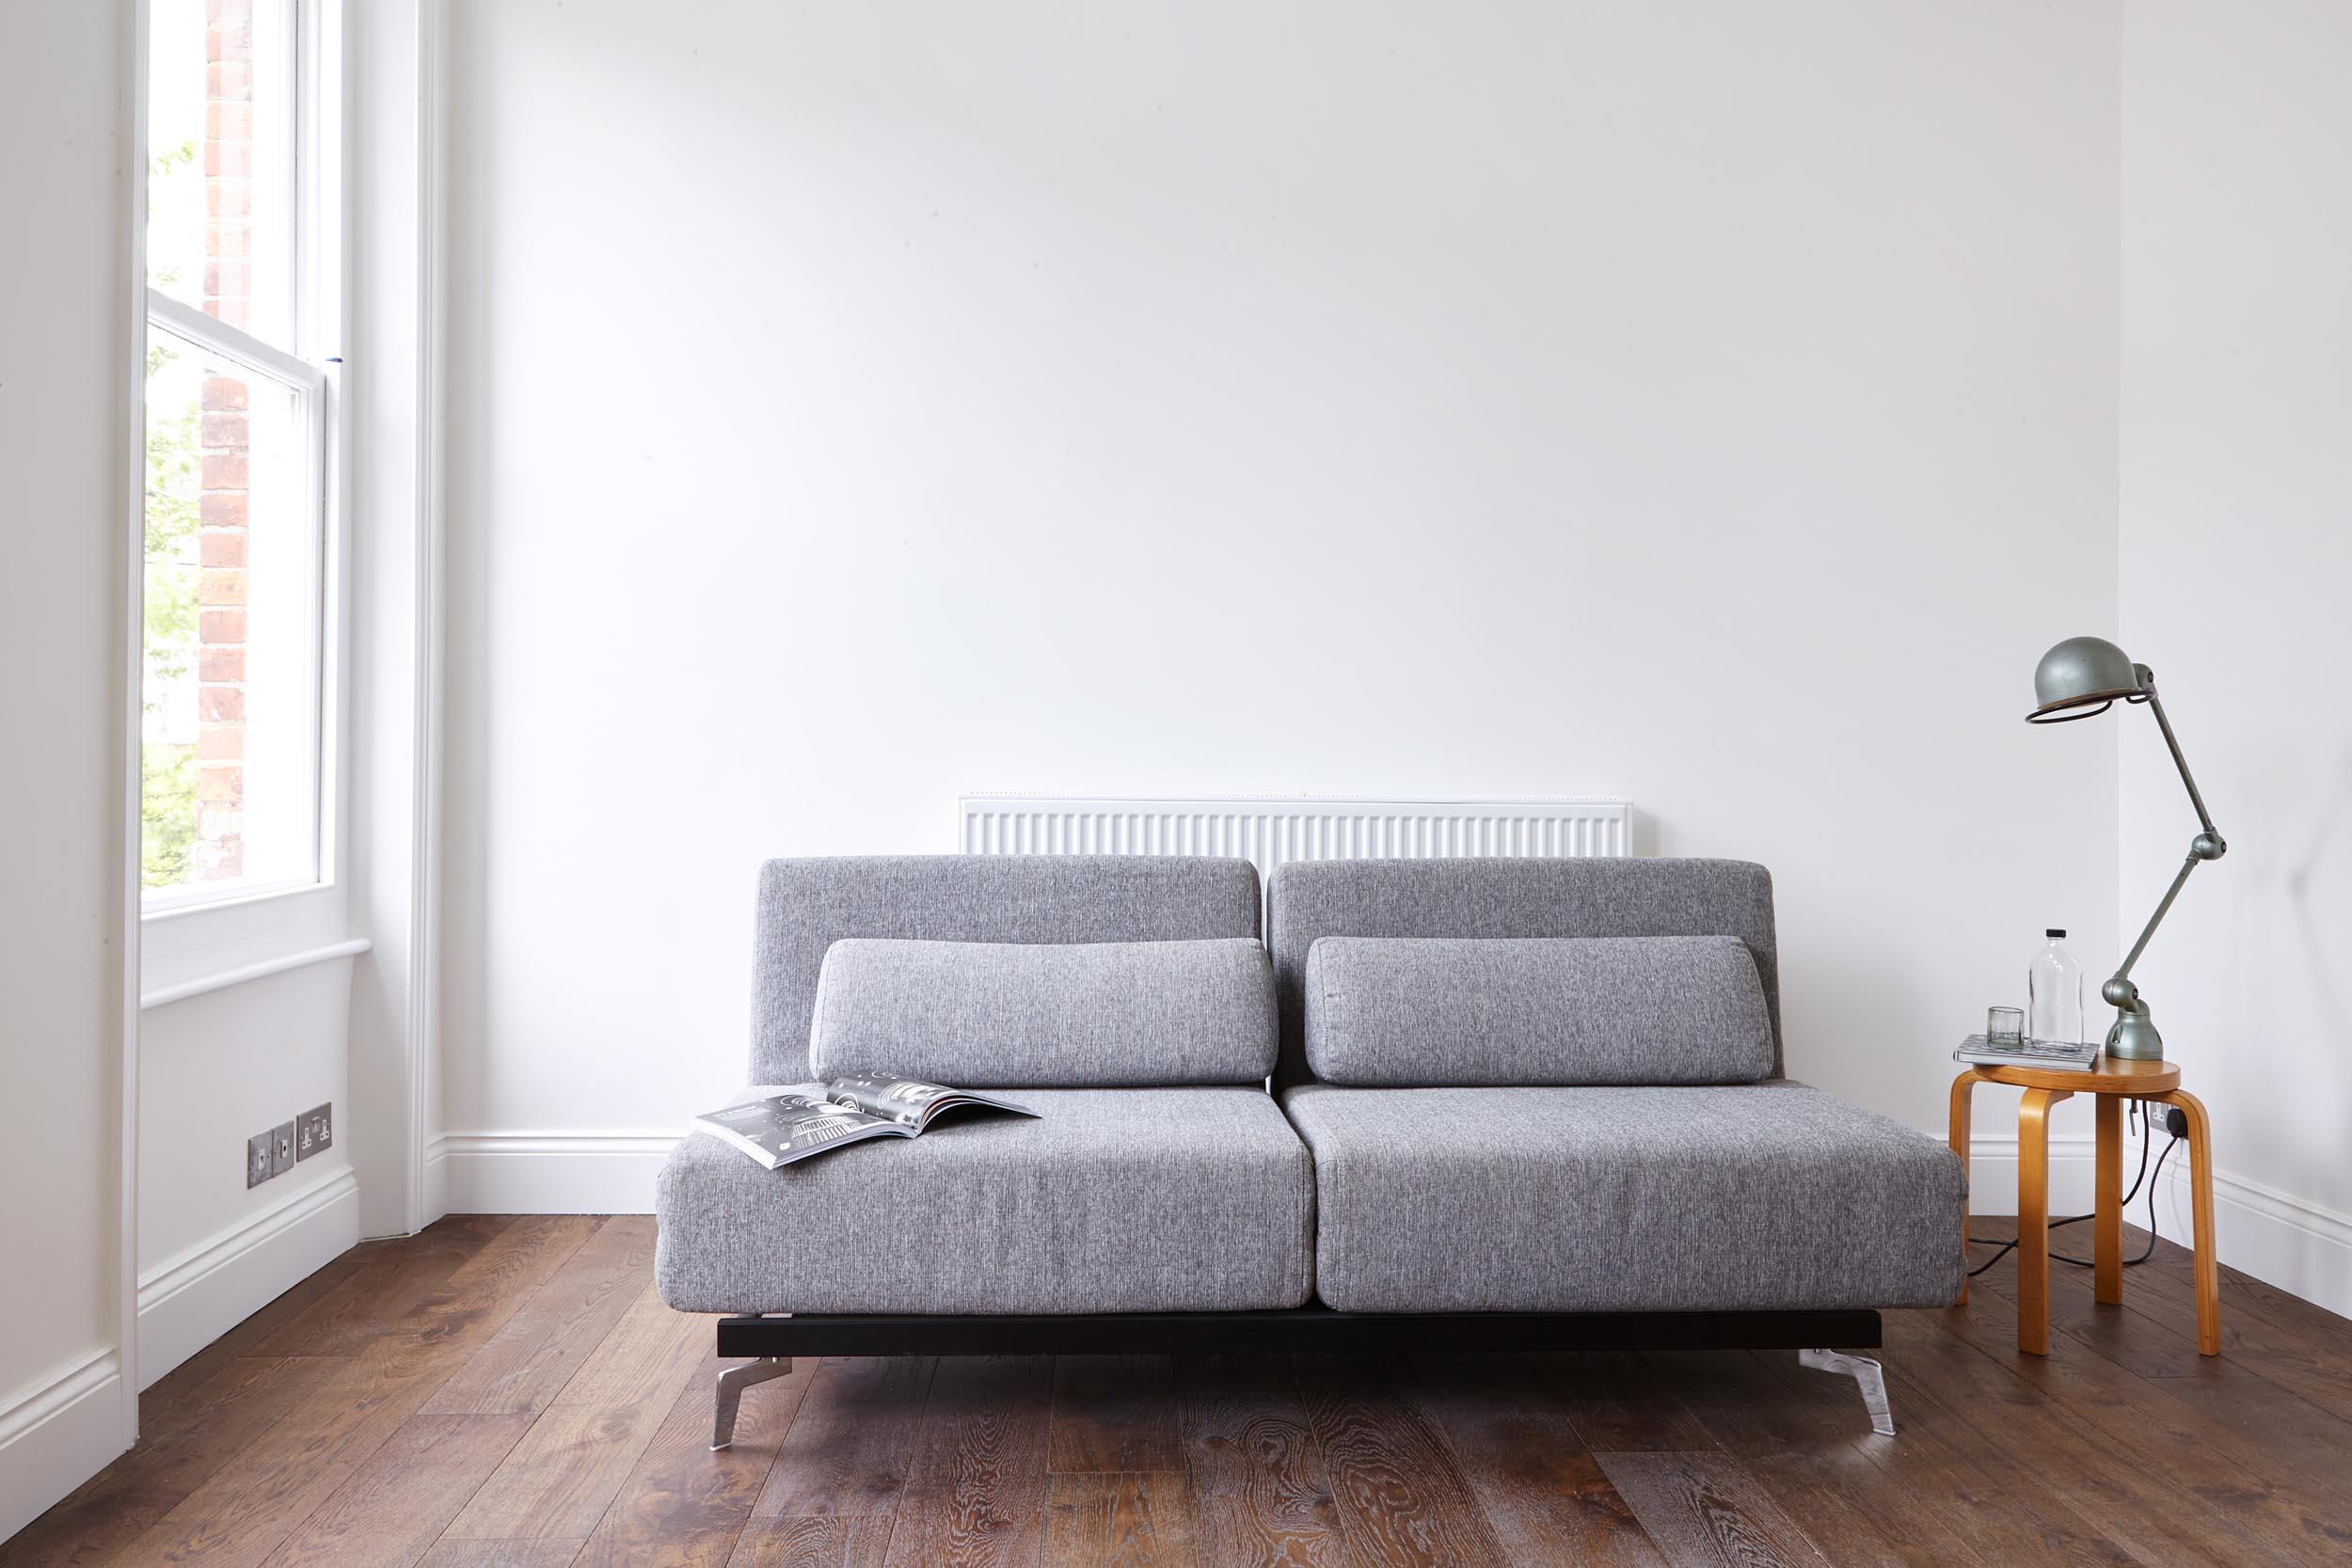 Living-room - Bravington - RYE Design